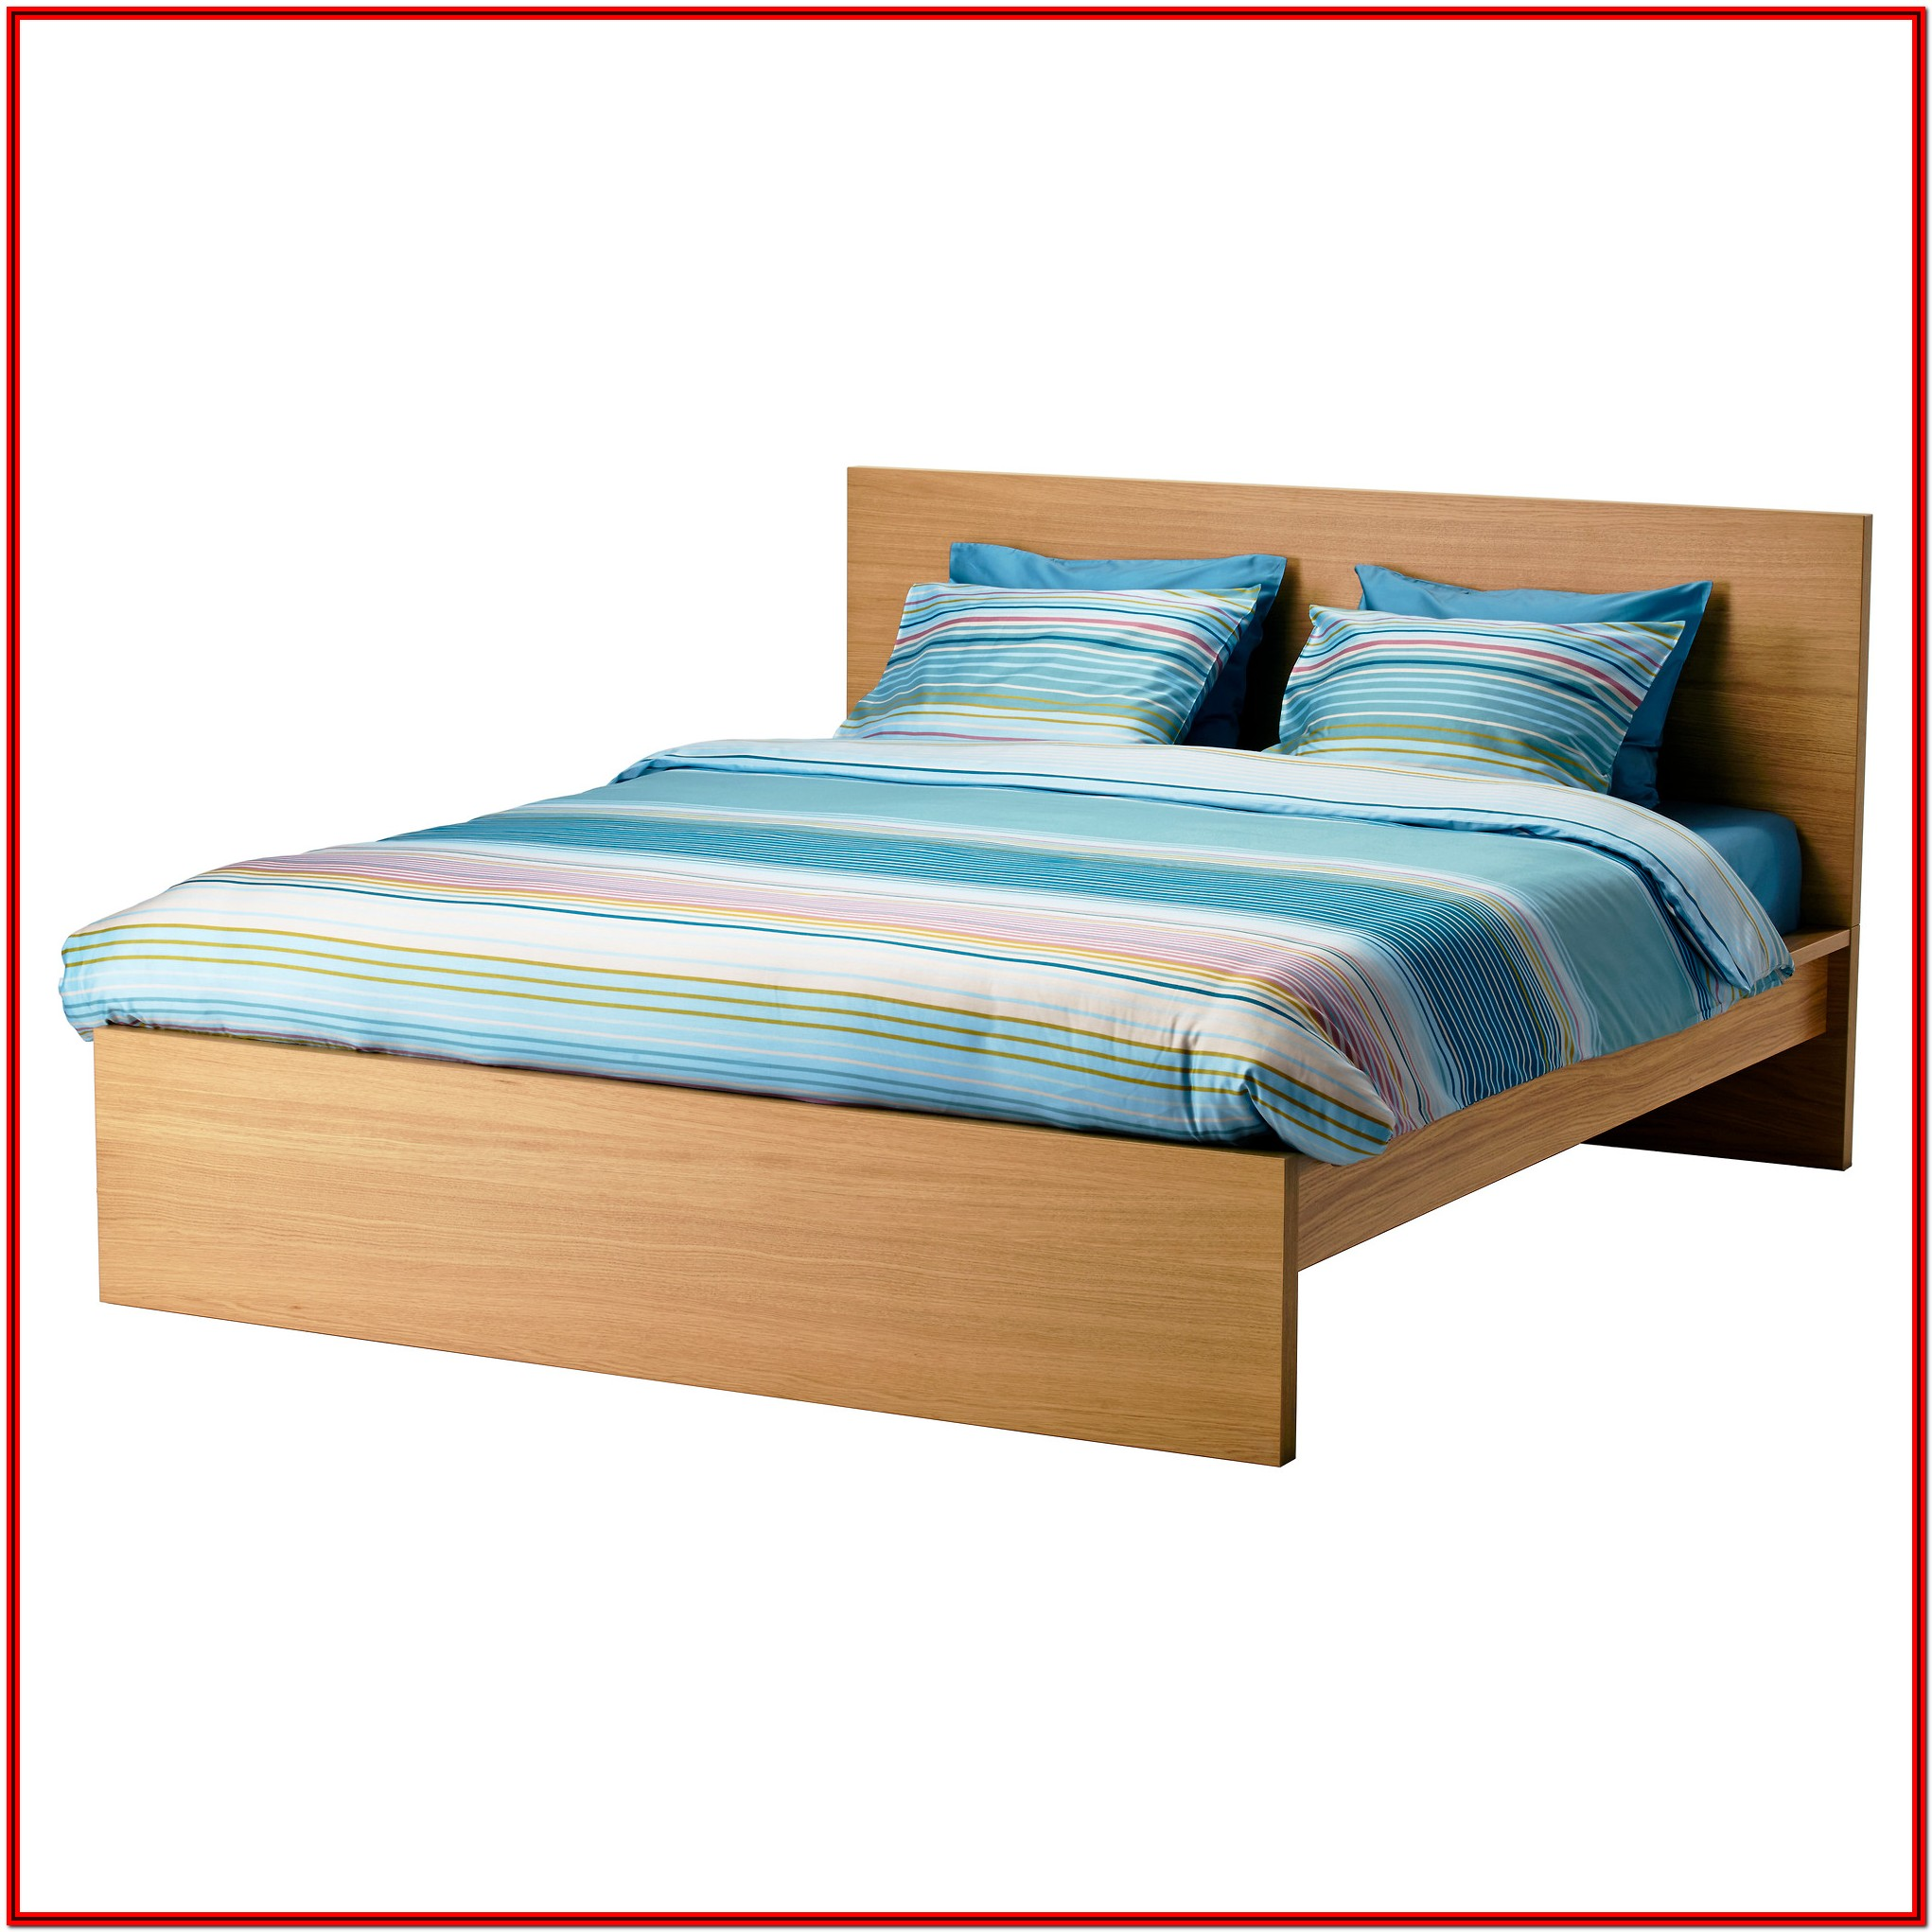 Bed Frame Super King Size Ikea